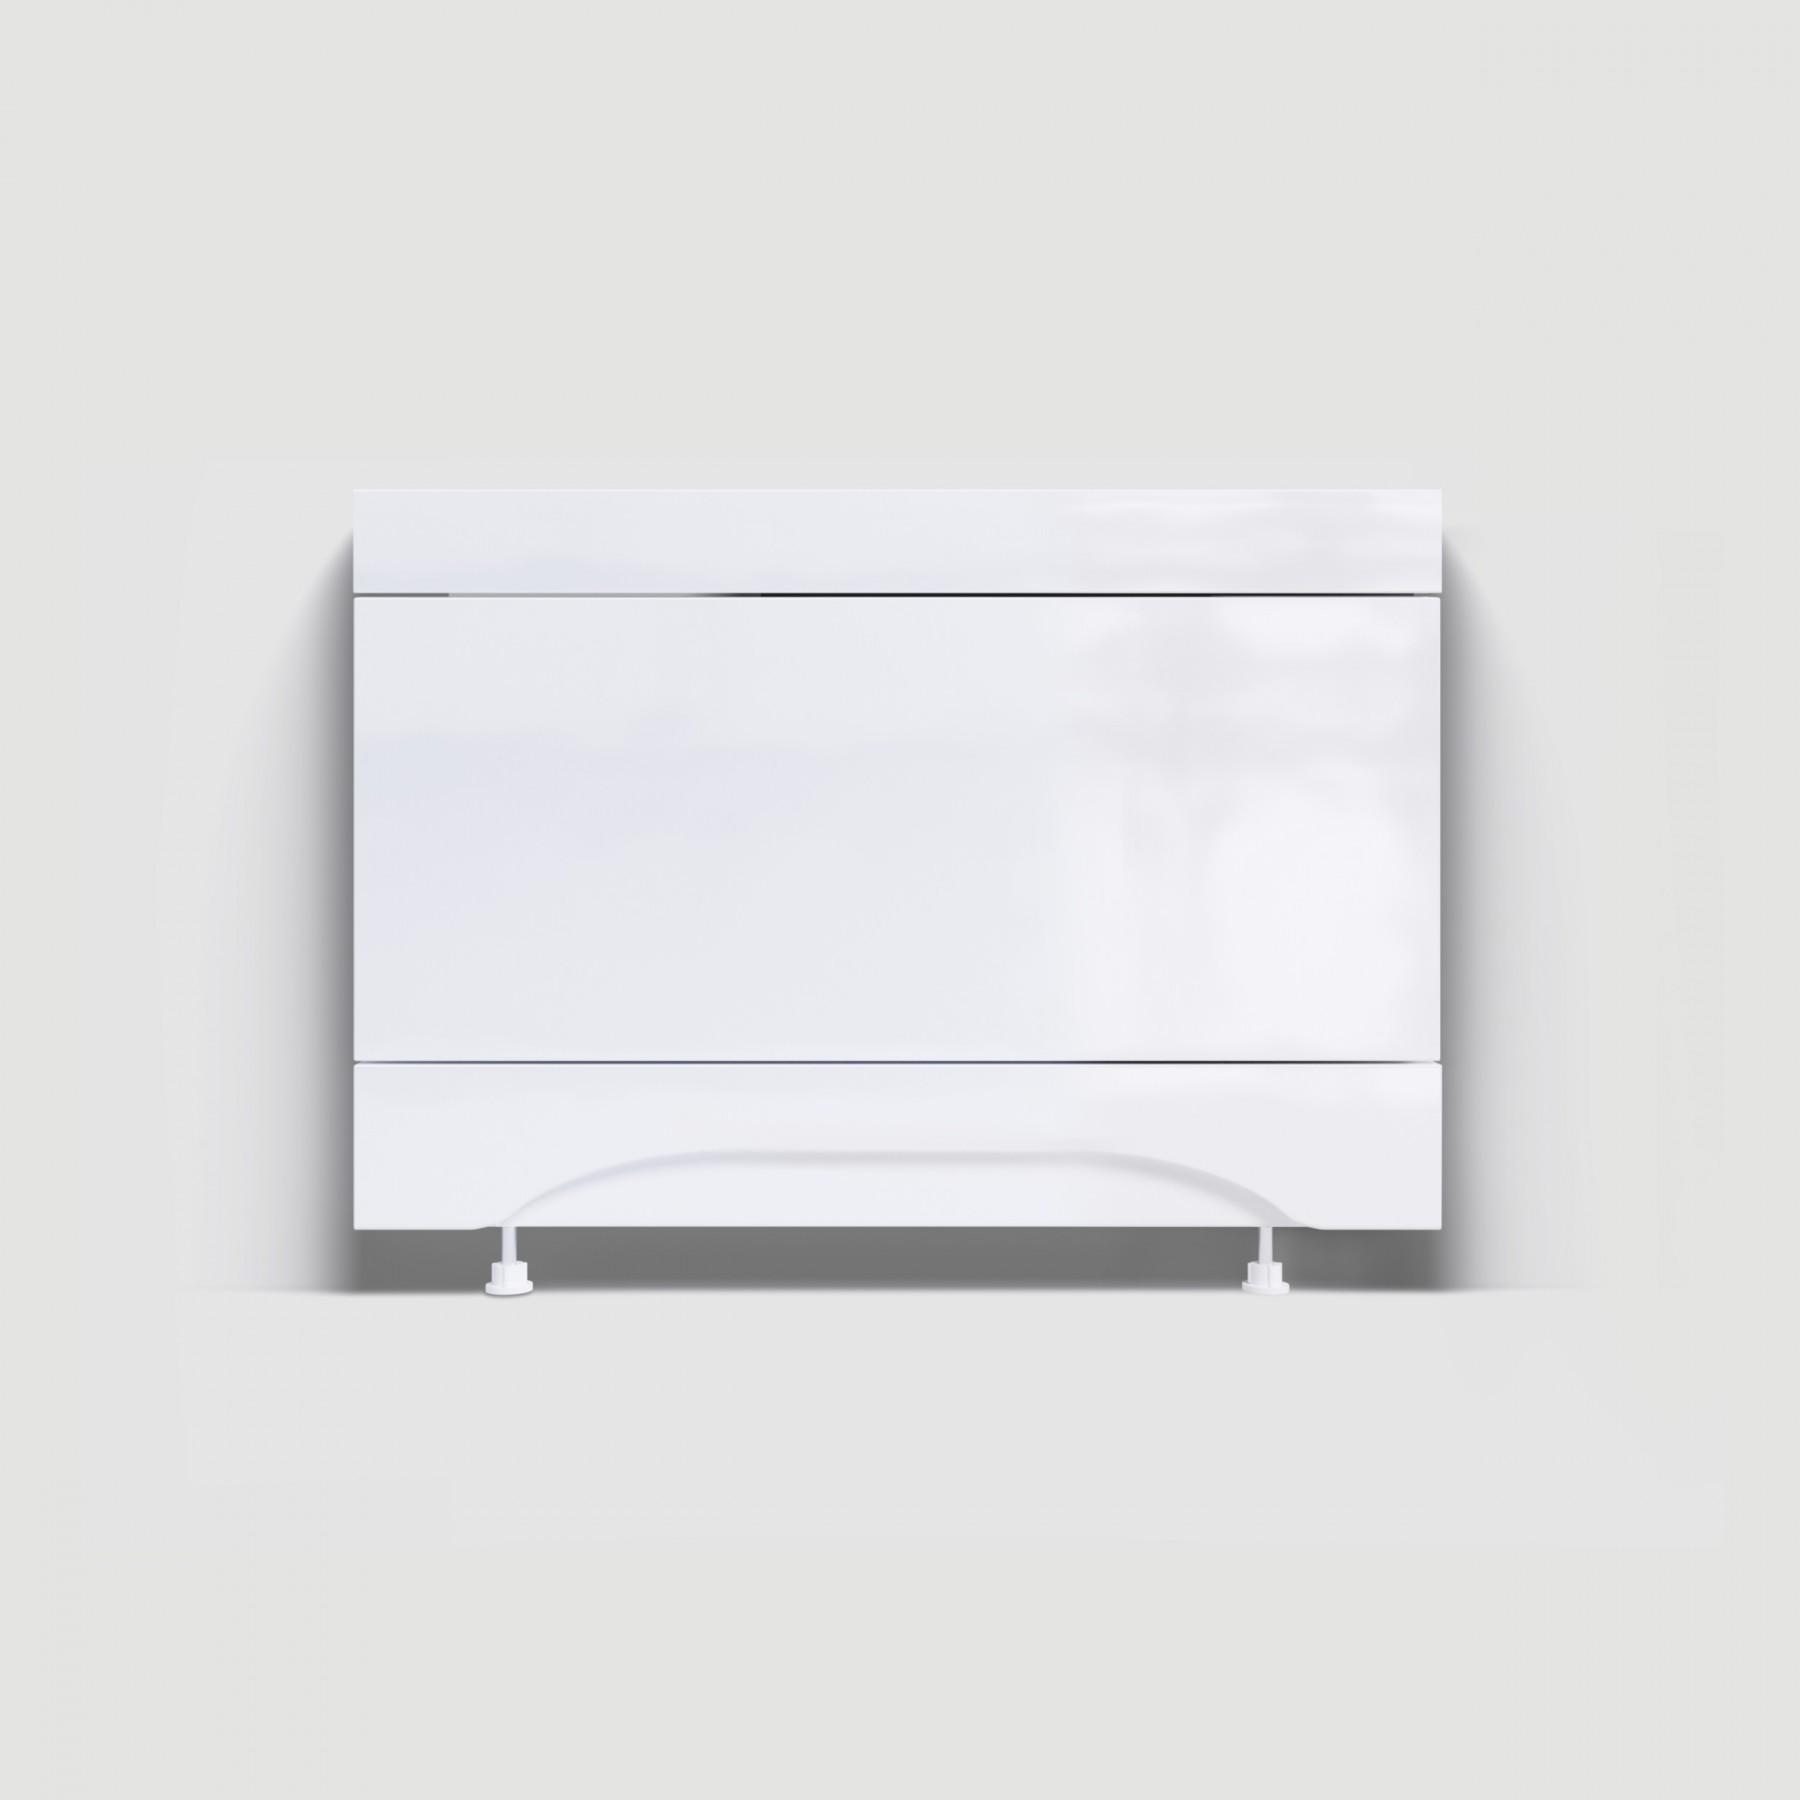 Экран под ванну торцевой 75 см мдф белый